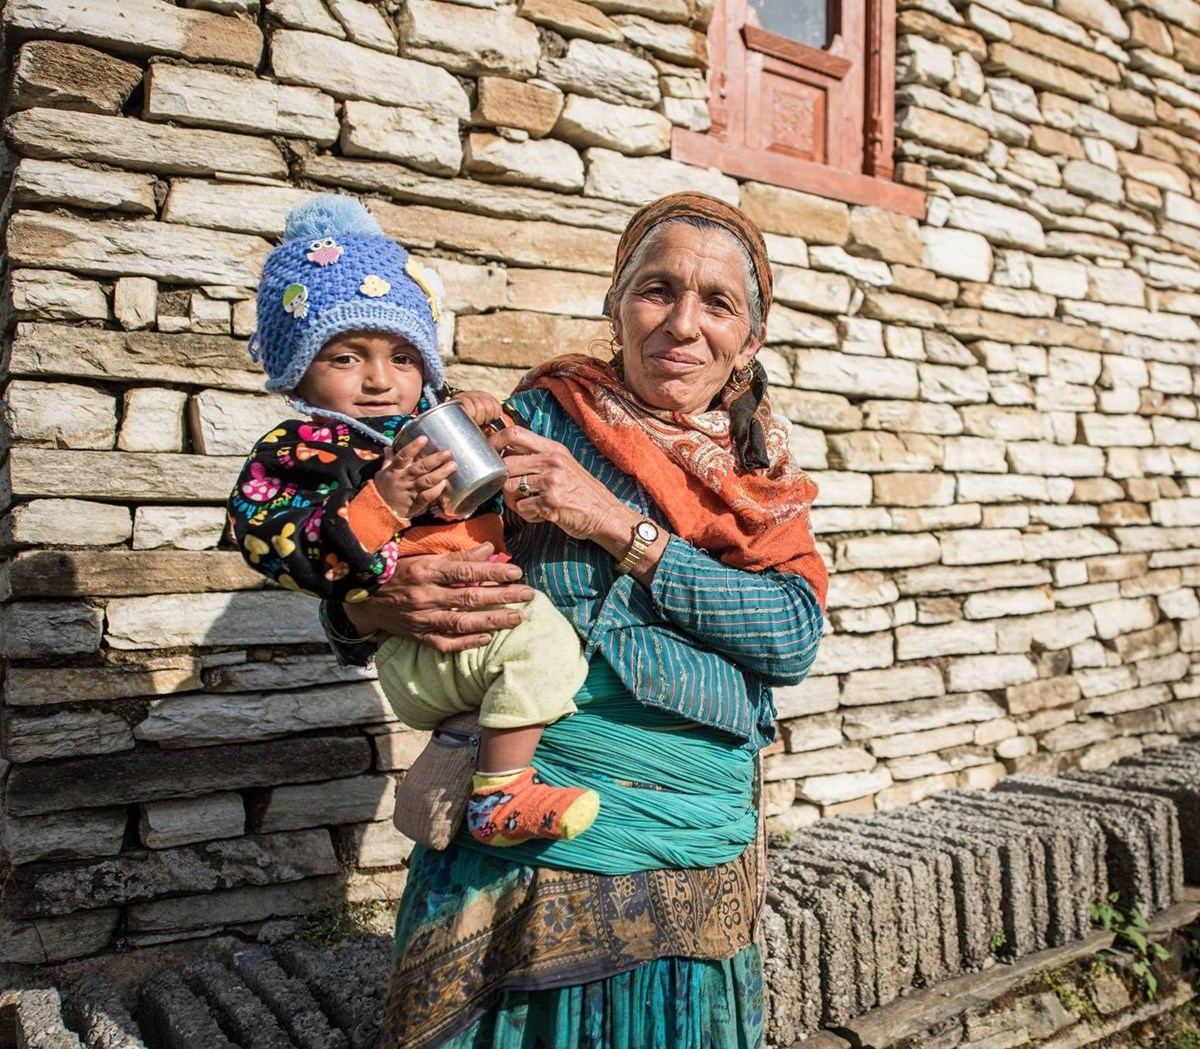 Nepálem bez peněz a technologií